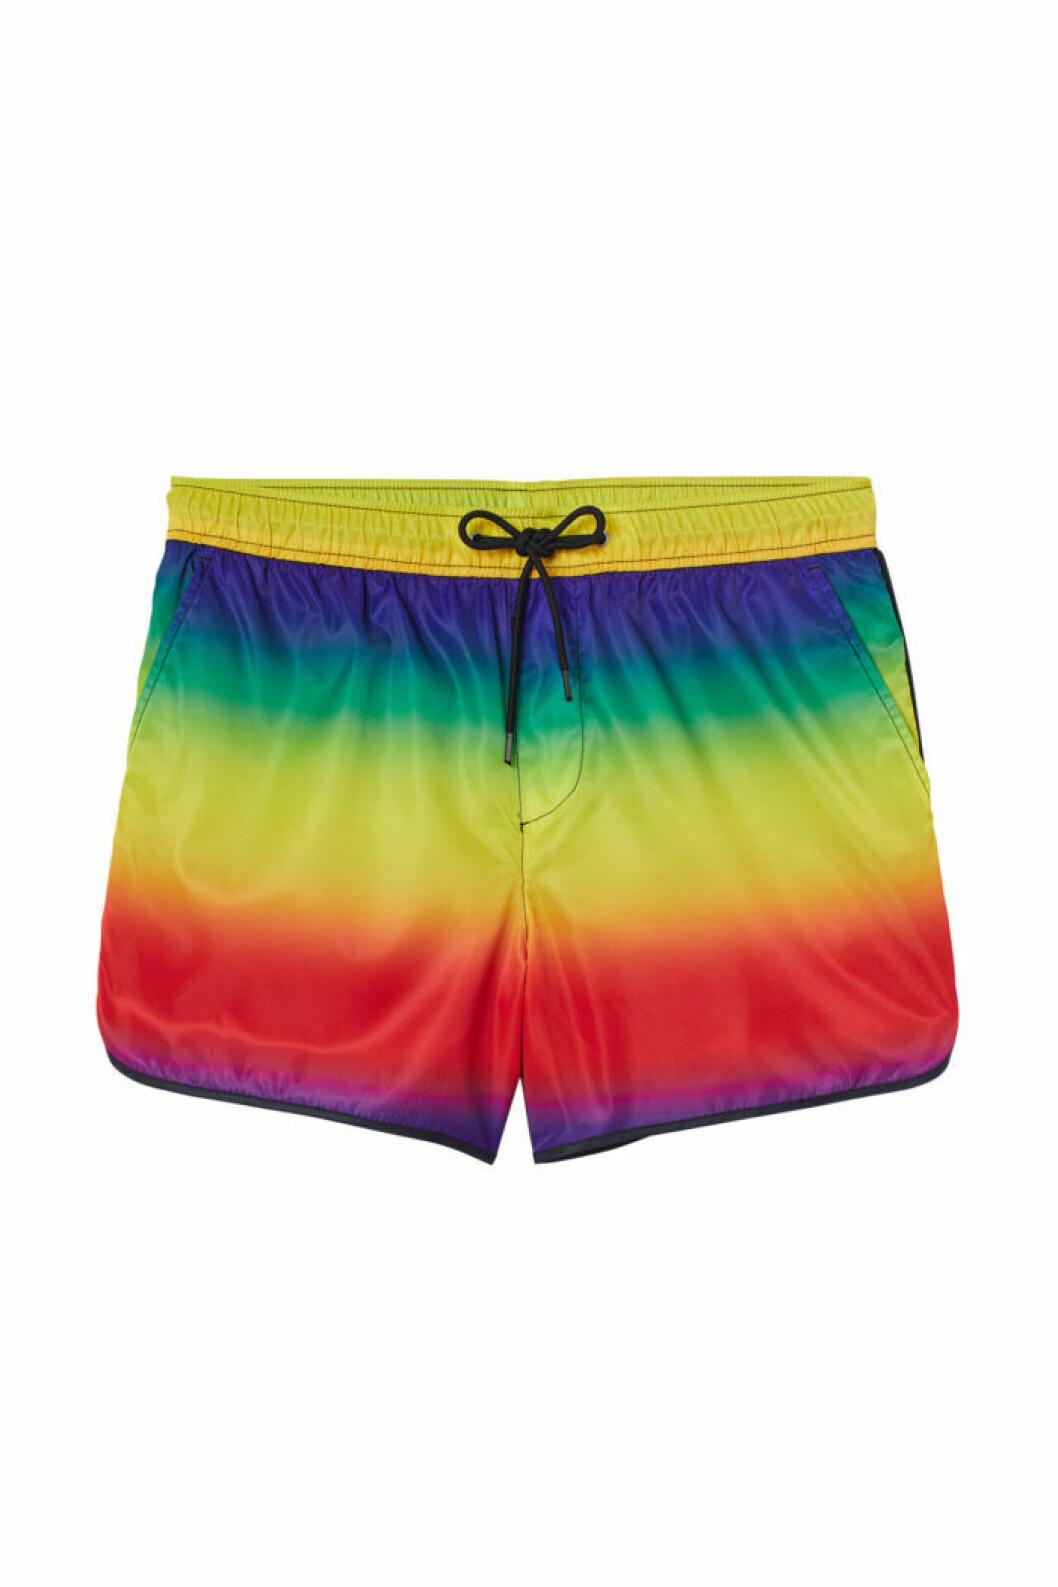 H&M släpper Pridekollektion för 2019 – regnbågsfärgade shorts